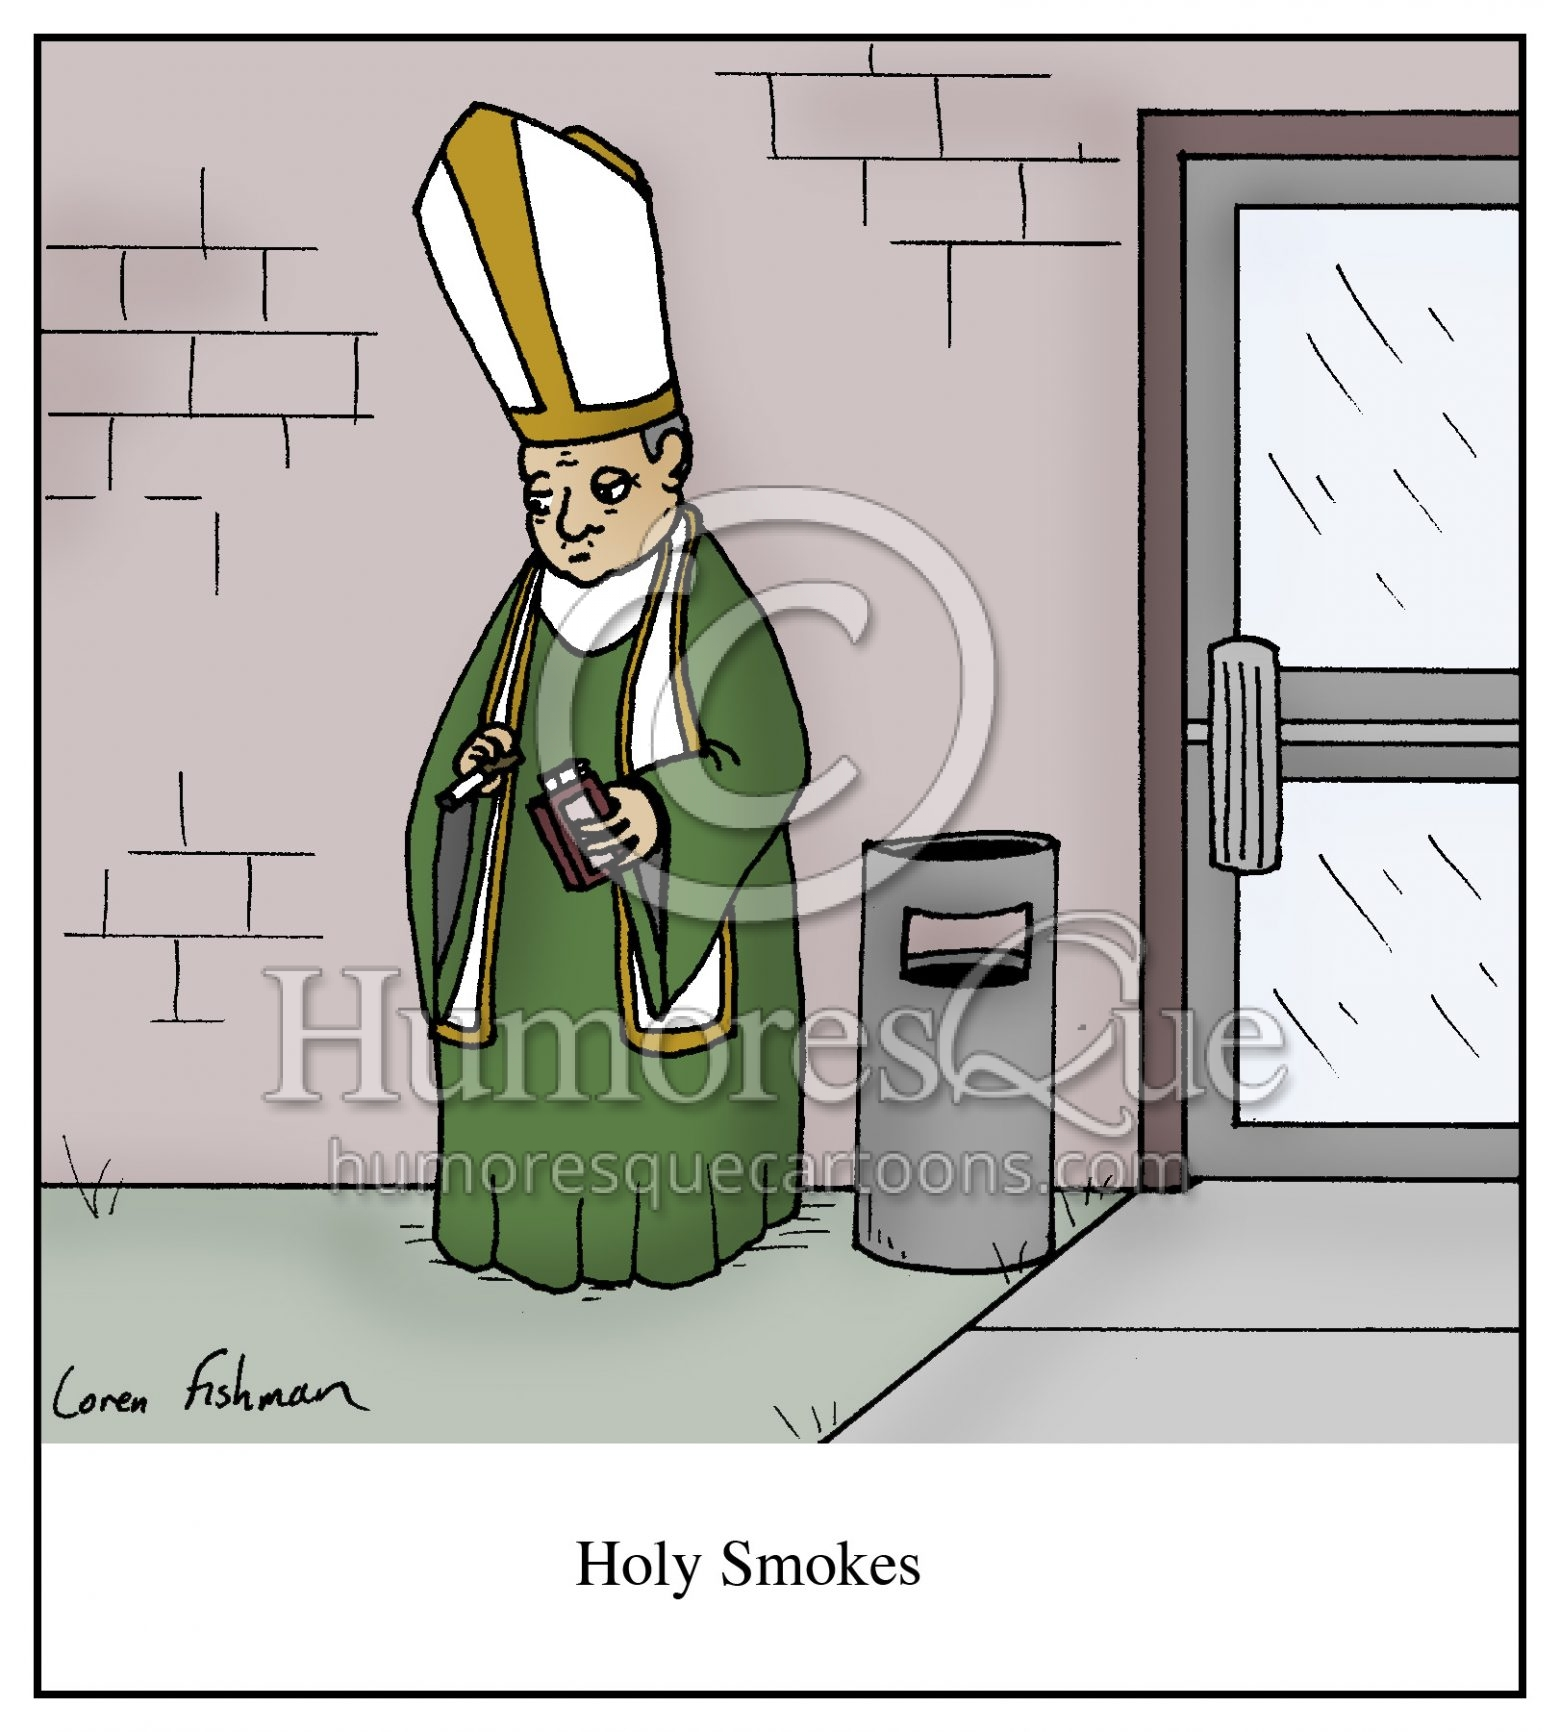 Holy smokes pope smoking cigarette cartoon